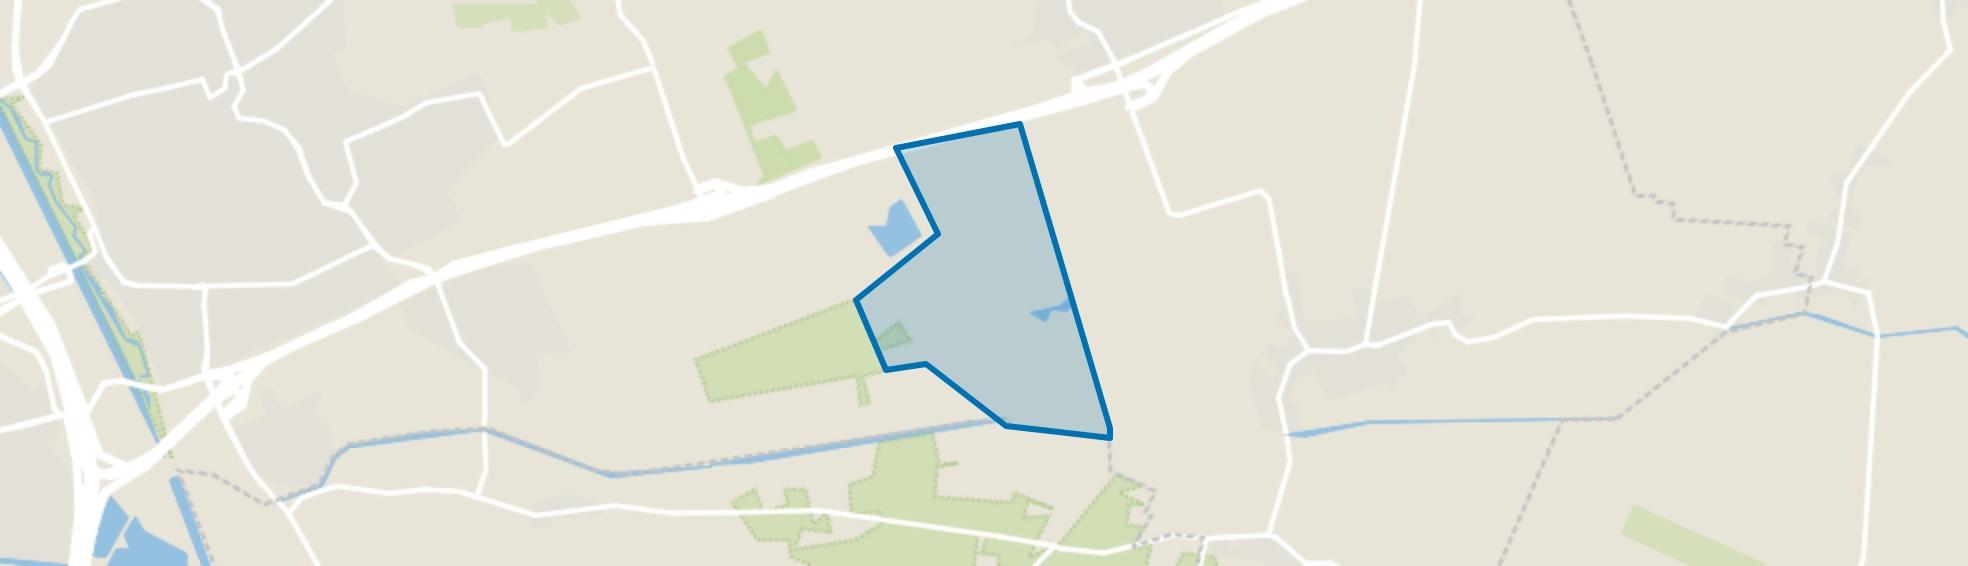 Vinkeloord, Vinkel (Gem. Den Bosch) map